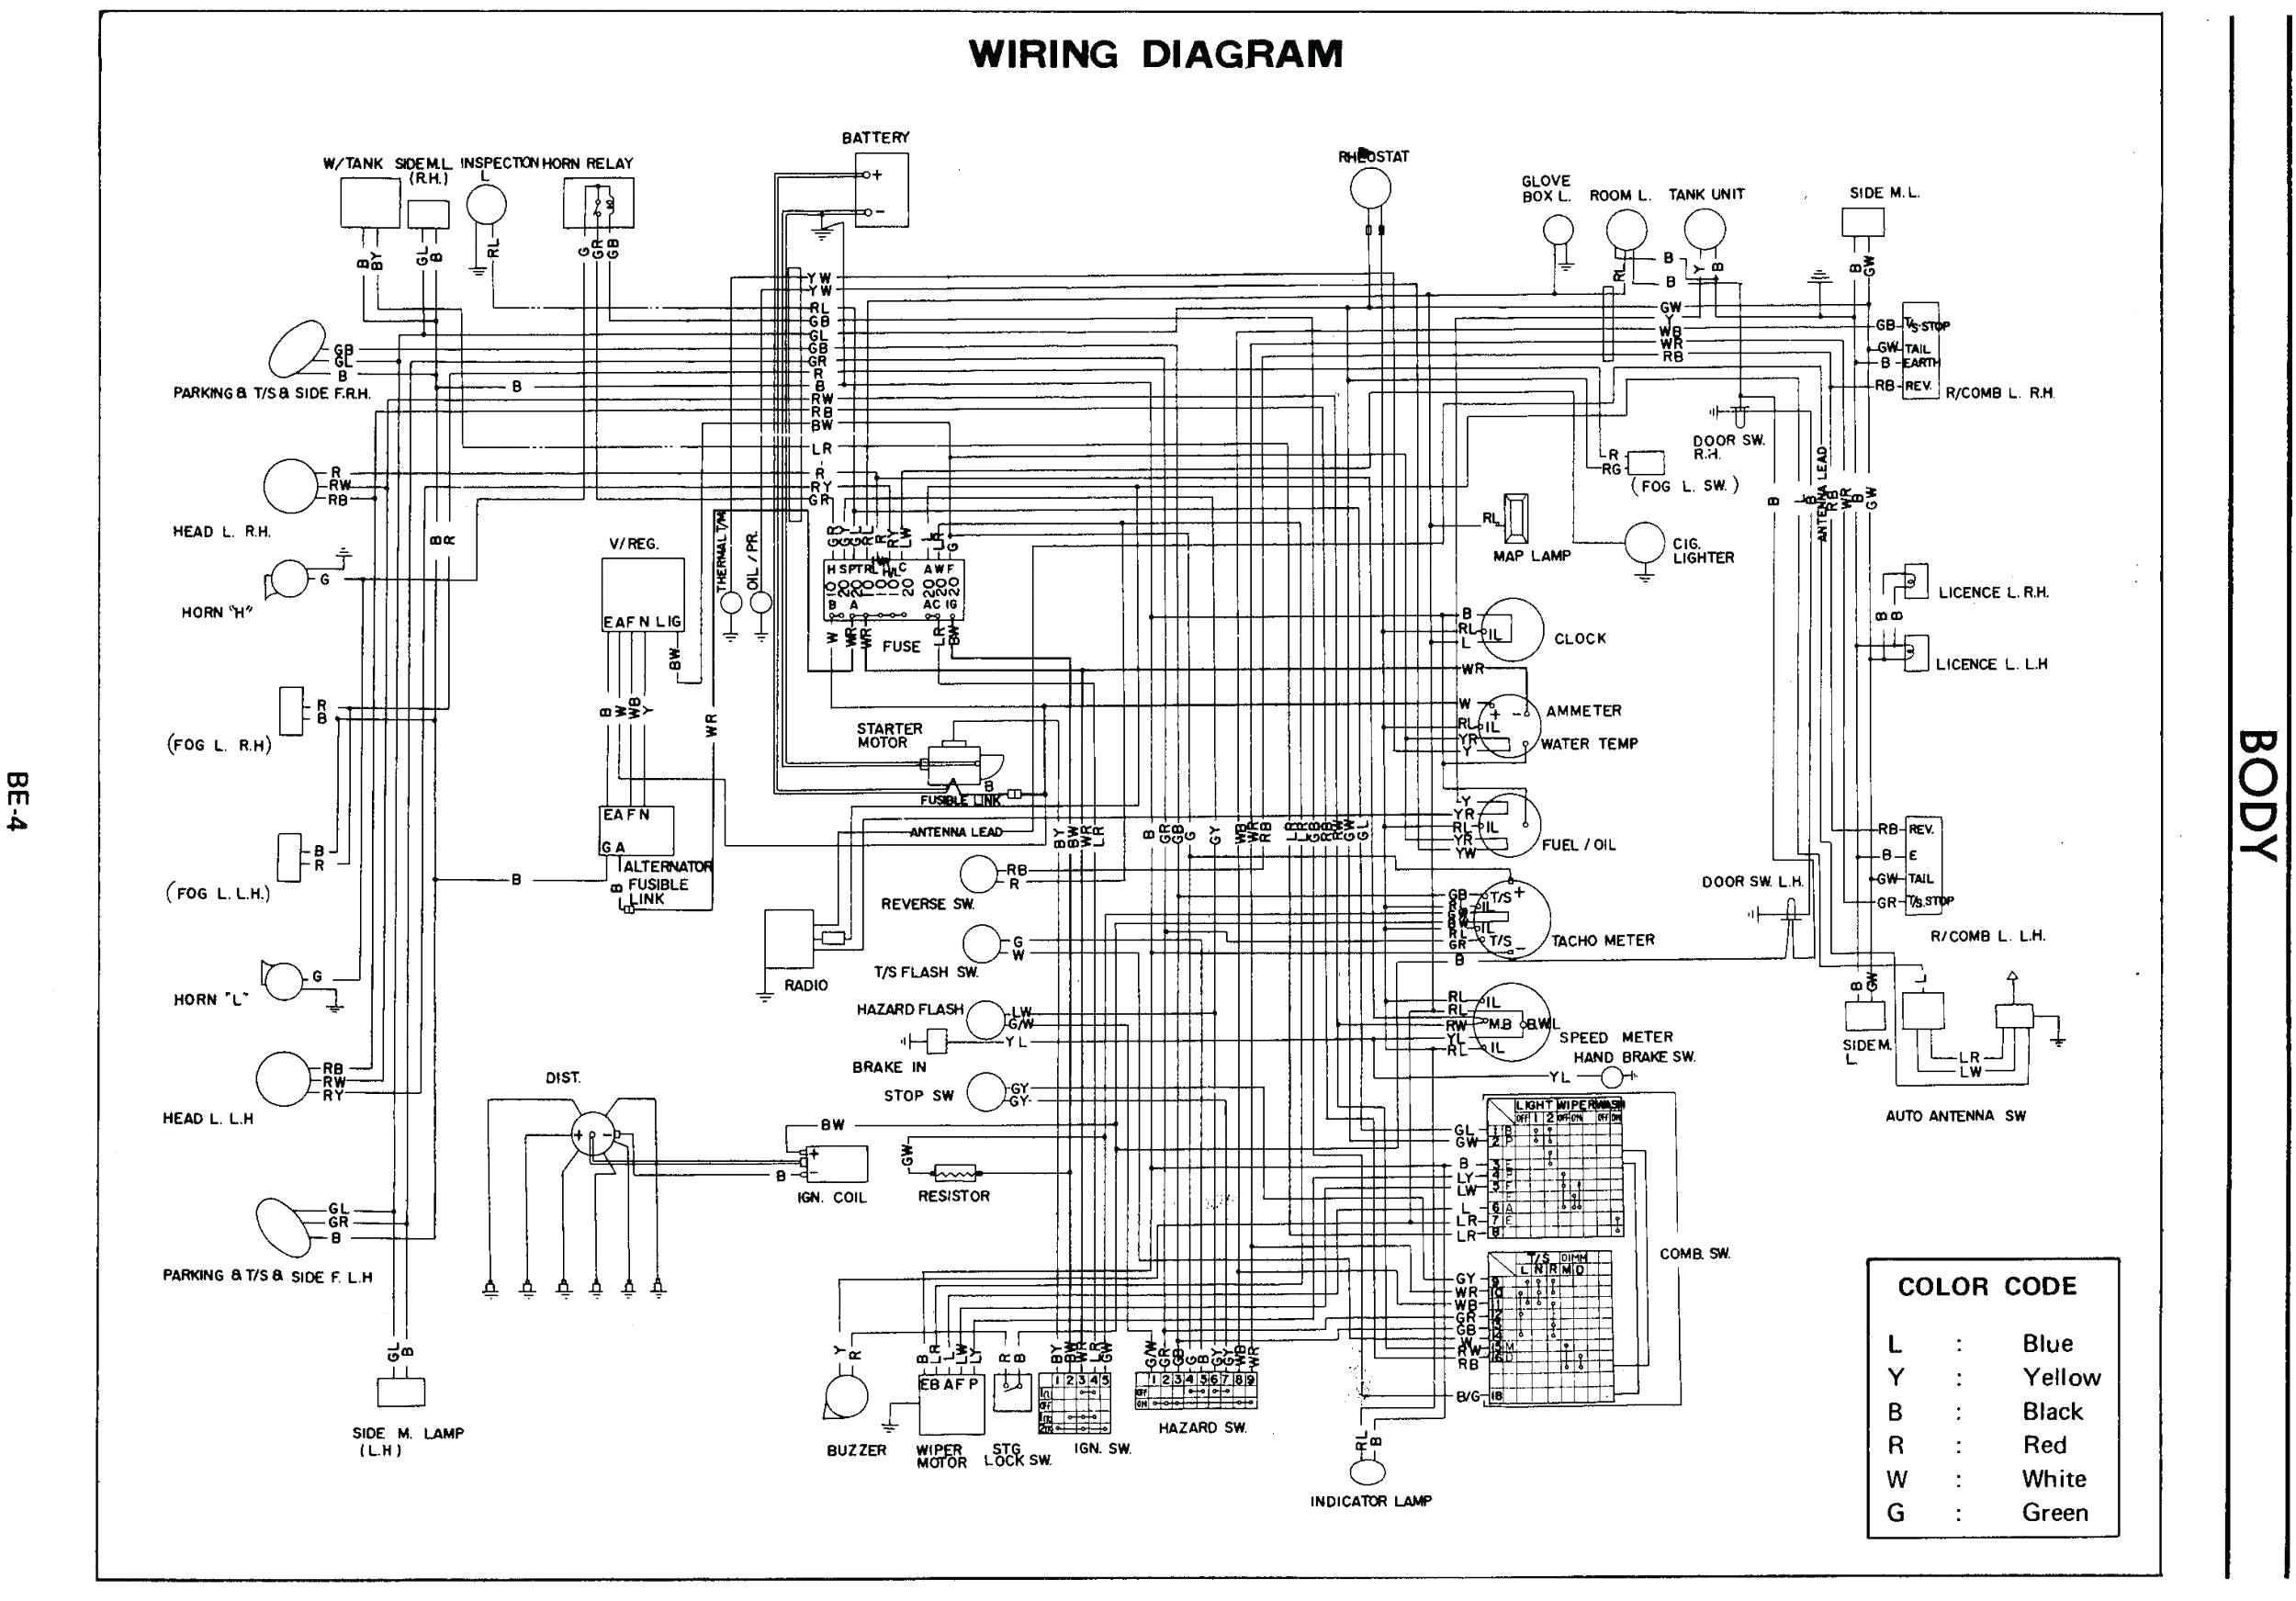 fema wiring diagram - g2 wiring diagram  institut-triskell-de-diamant.fr